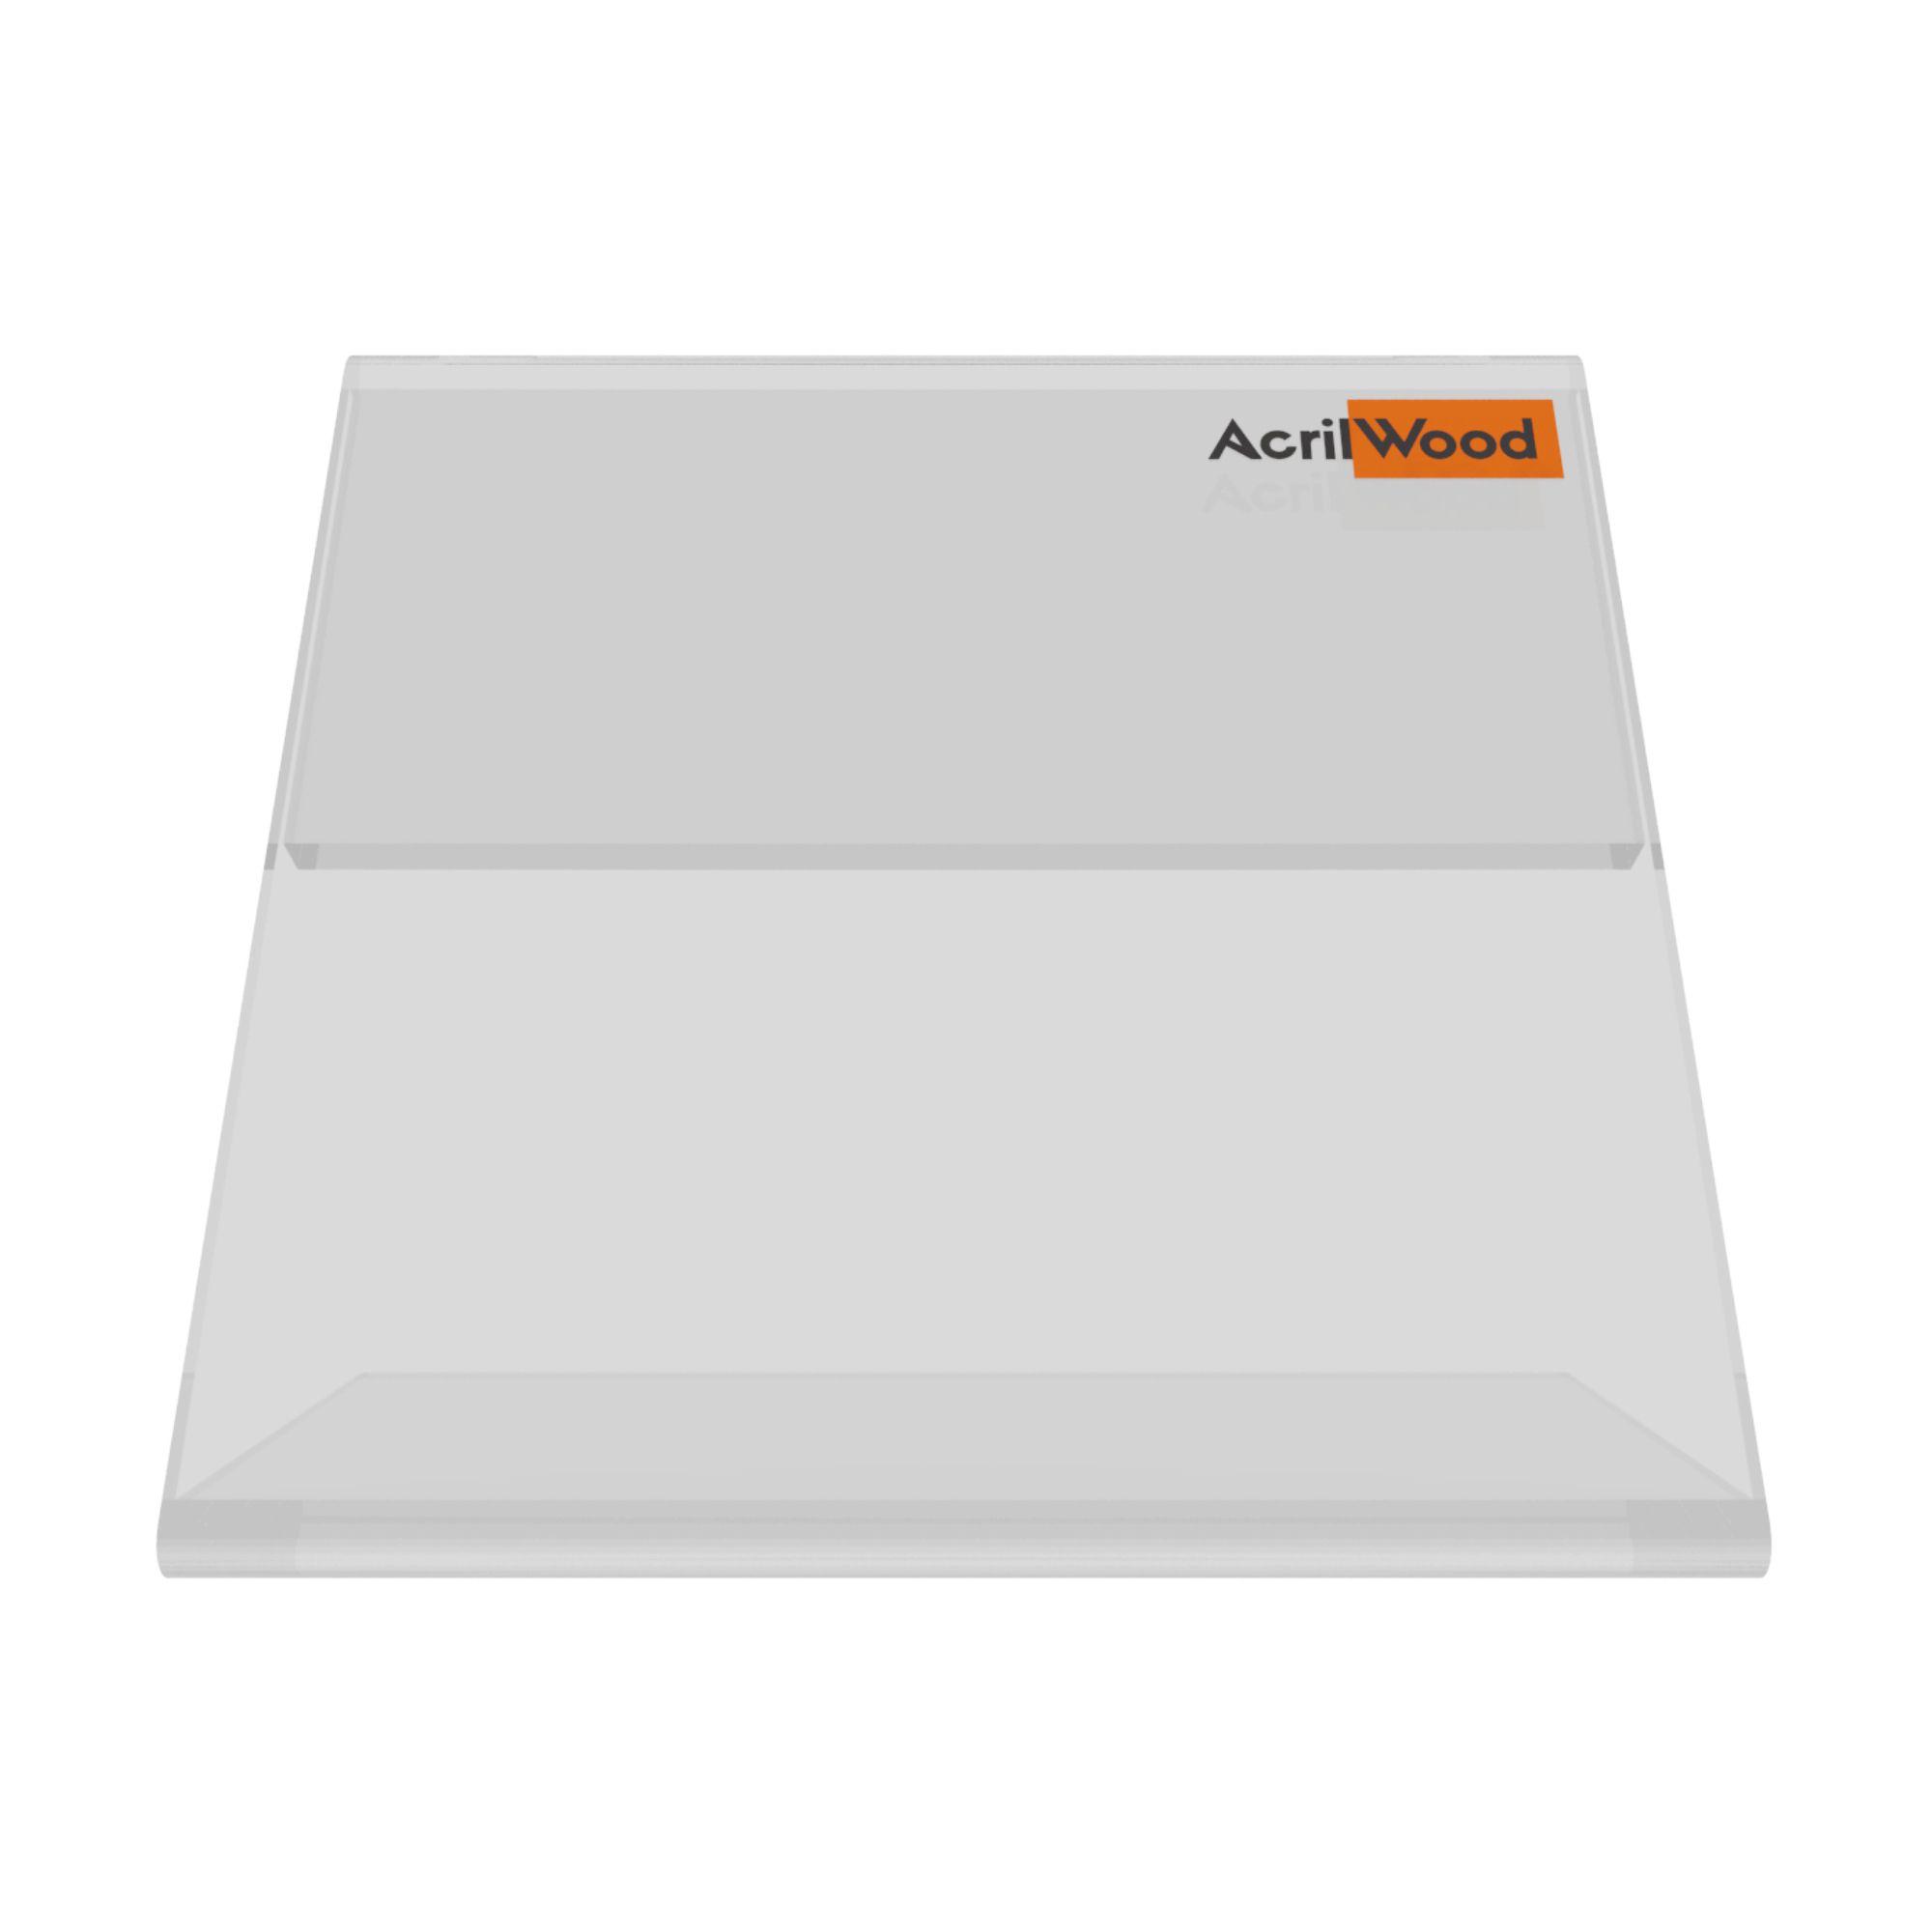 Display Precificador Em Acrílico Em L - 5x5cm